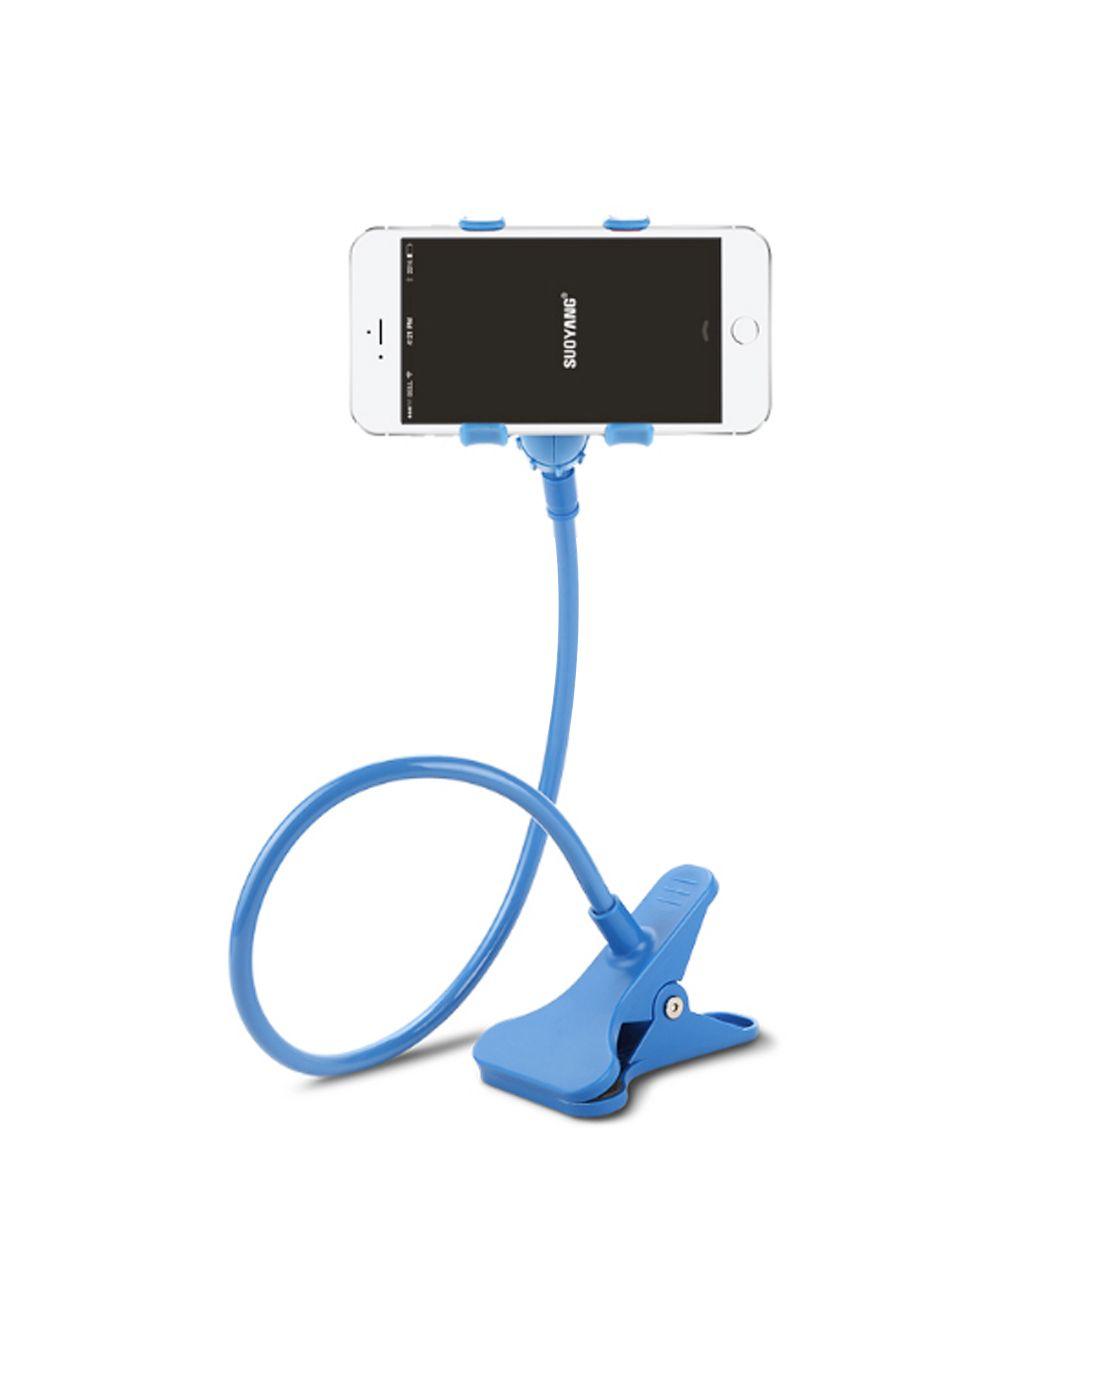 懒人创意多功能手机支架(蓝色)